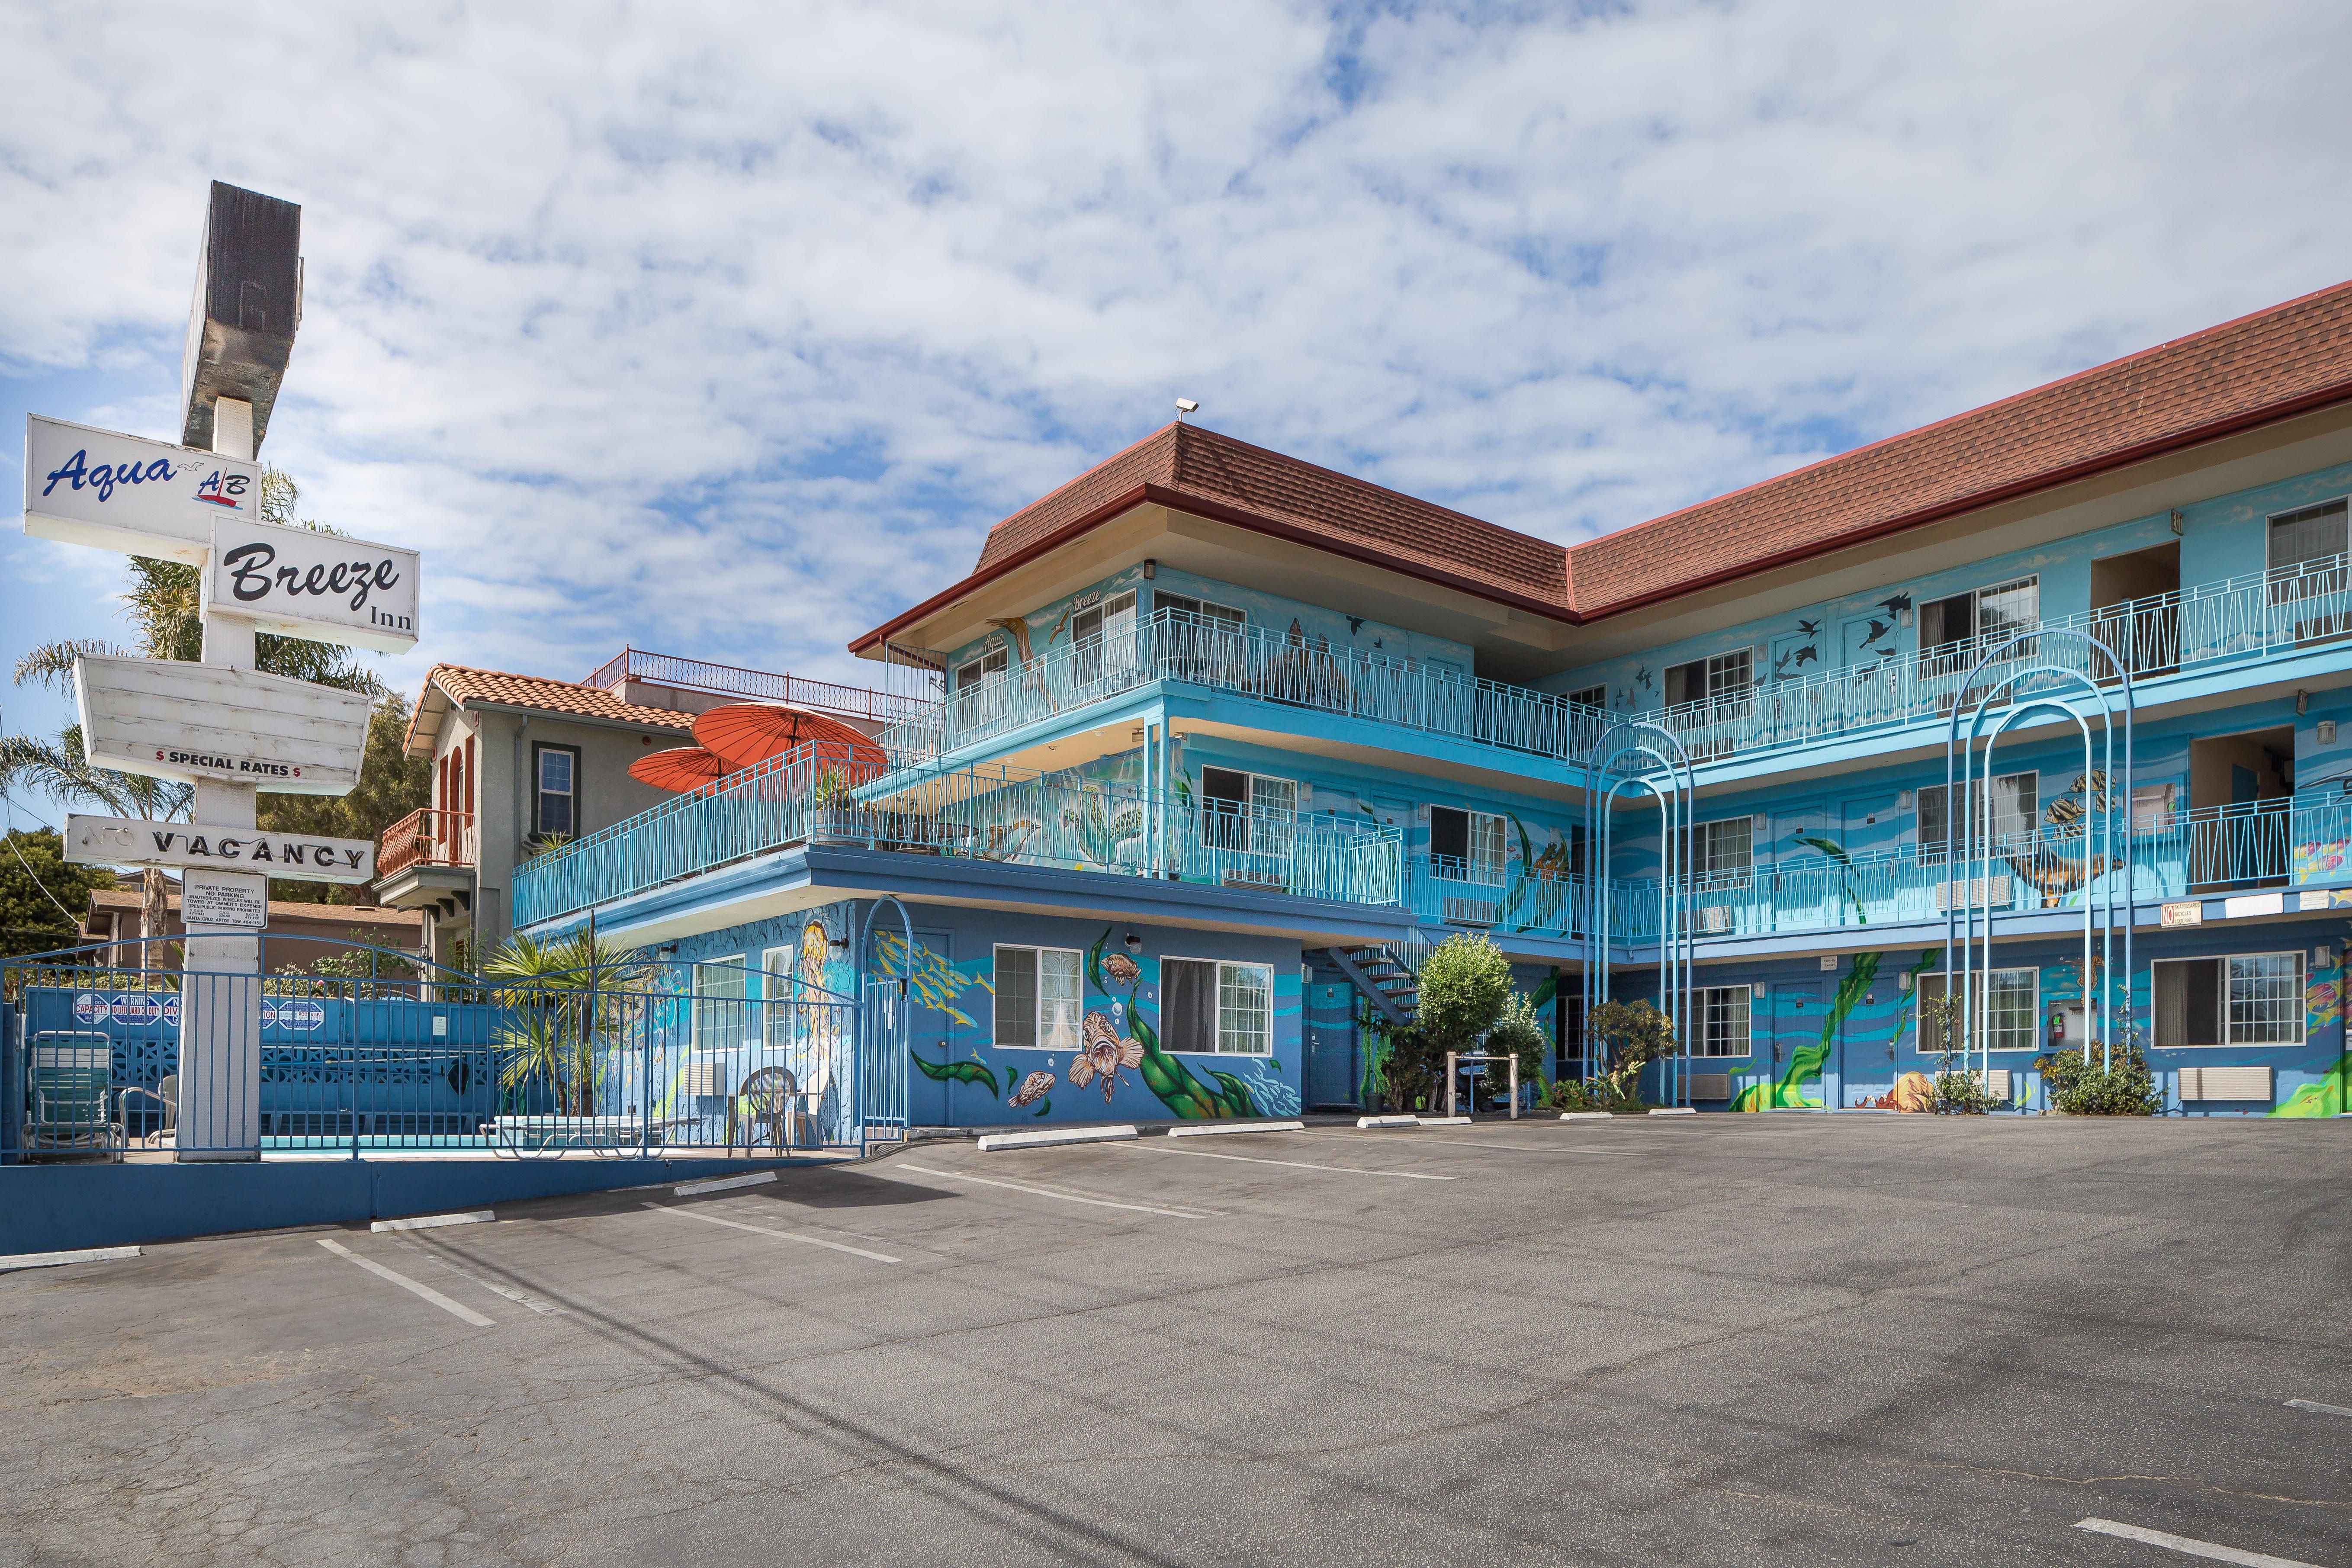 santa cruz hotel deals aqua breeze inn. Black Bedroom Furniture Sets. Home Design Ideas